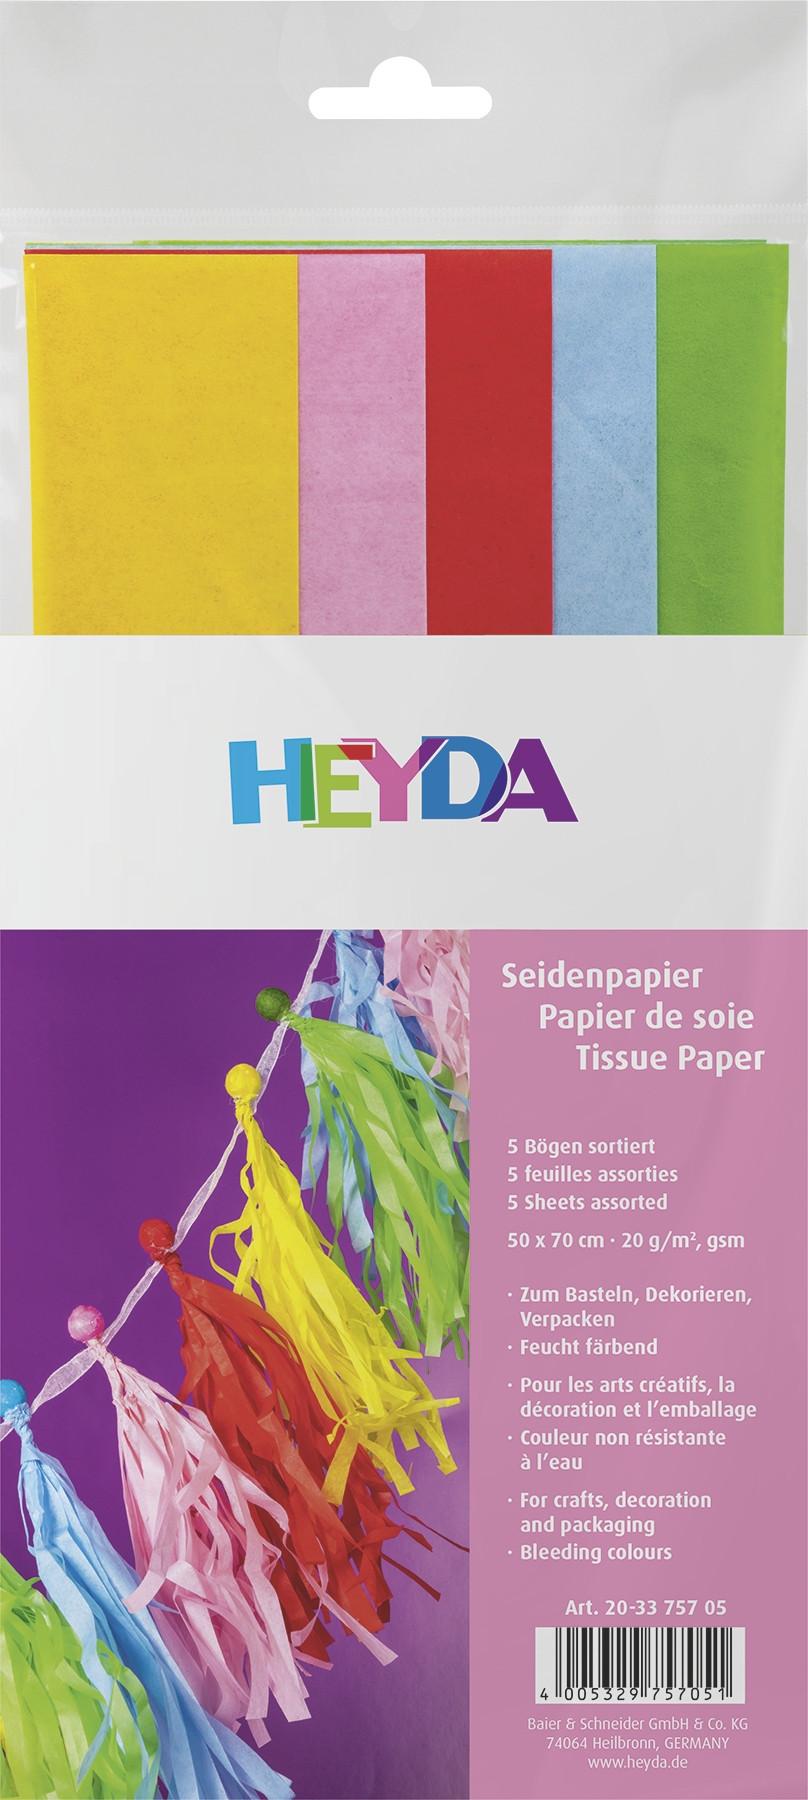 Seidenpapier Sortiment 50x70cm 5 Bögen